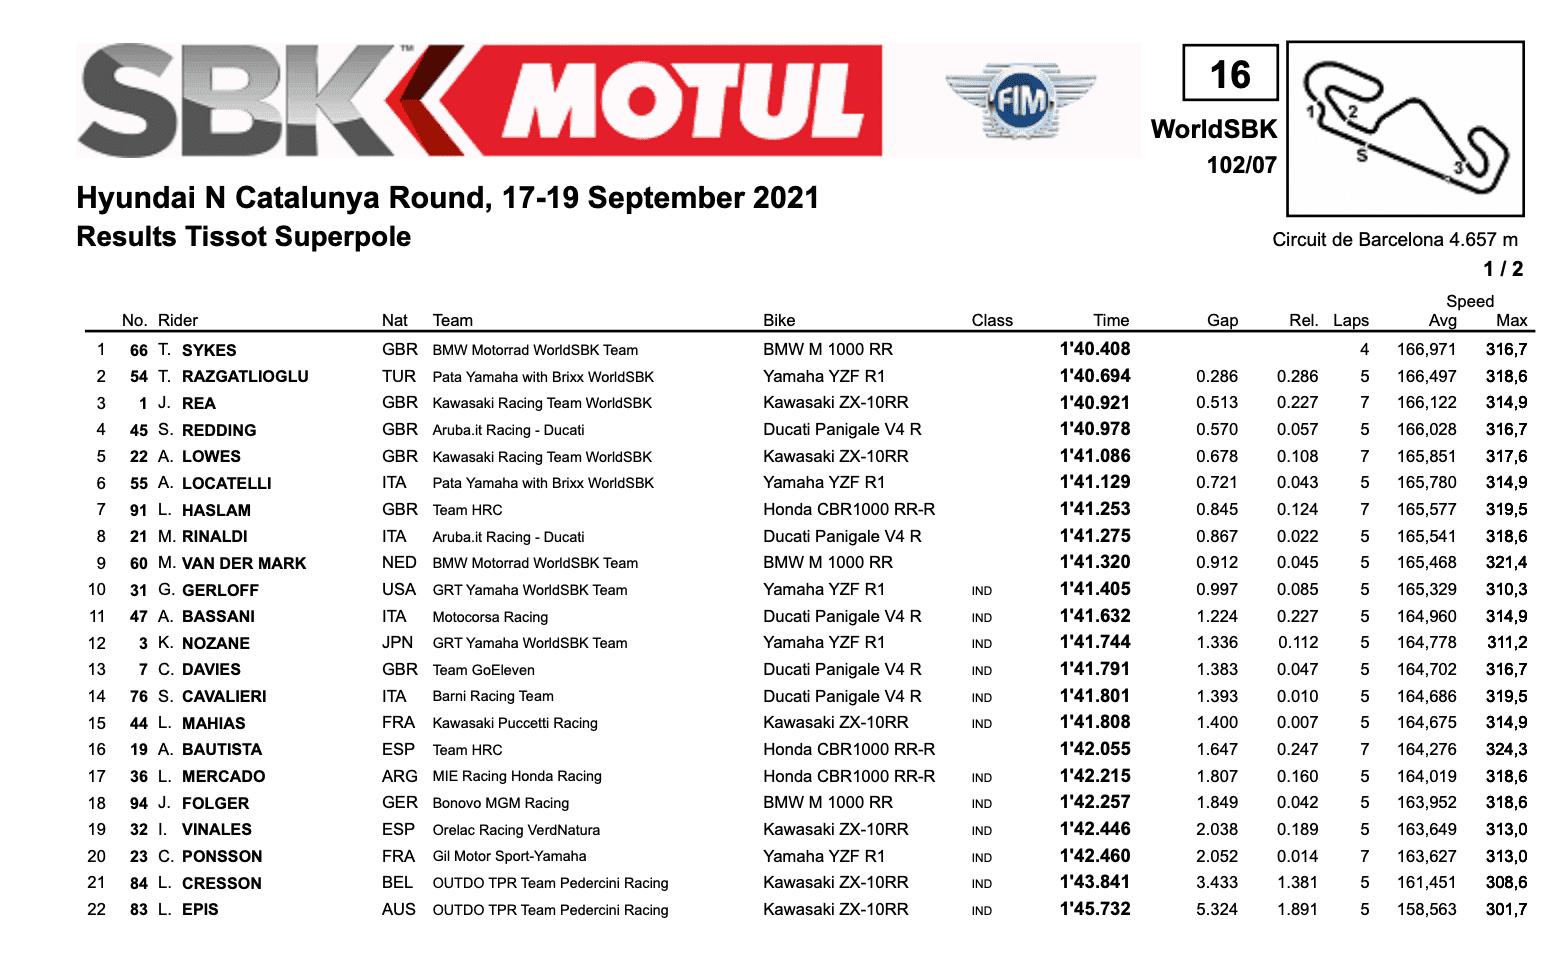 FIM スーパーバイク世界選手権(SBK)カタルーニャ戦 予選ポールポジションはトム・サイクス